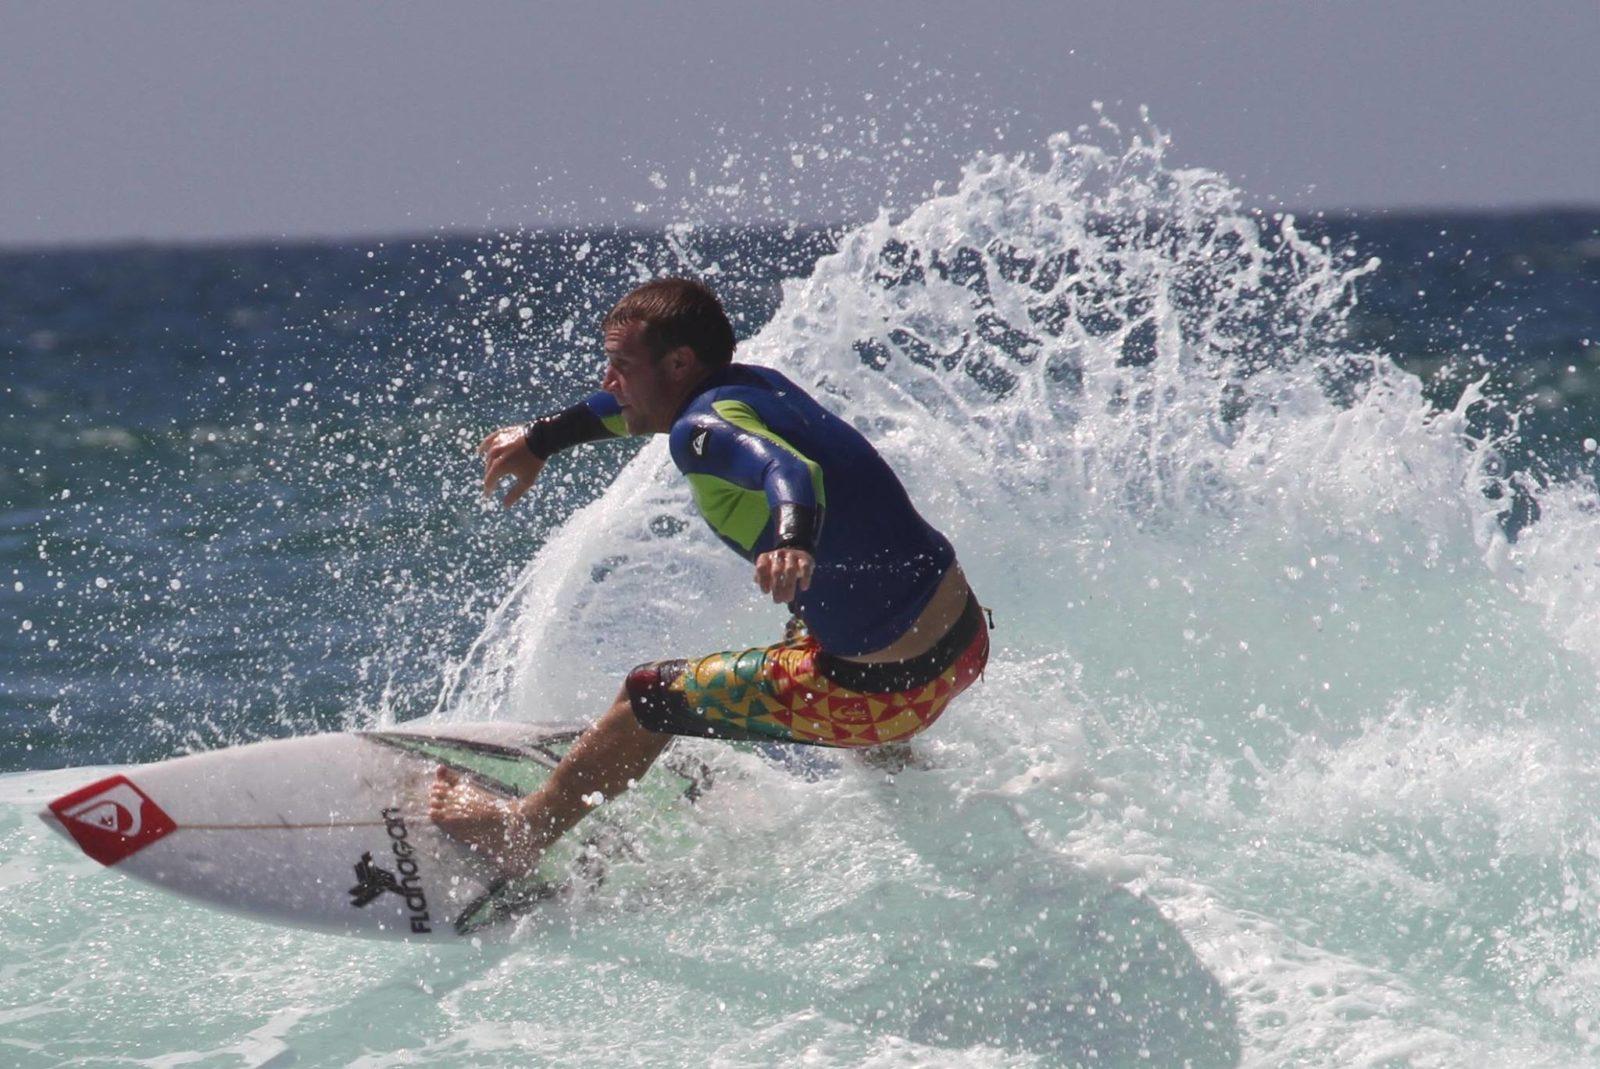 fise academy surf glisse - Bmx, surf, skate : la FISE Academy forme les nouveaux talents des sports de glisse